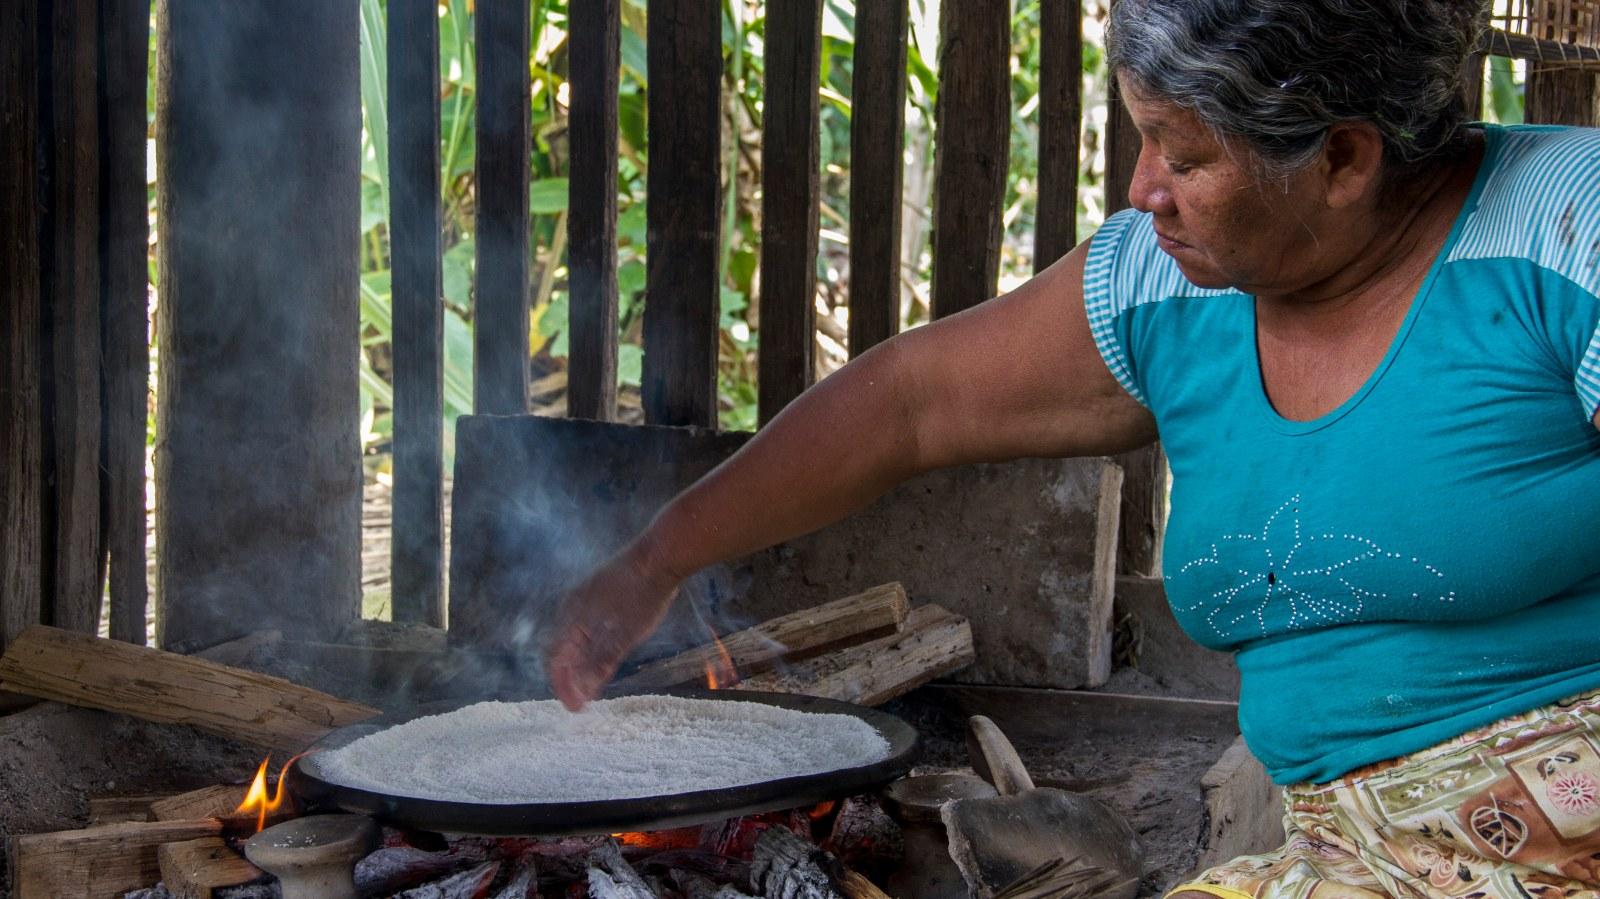 Pueblos indígenas: salvaguardas de los ecosistemas y del manejo sostenible de los recursos